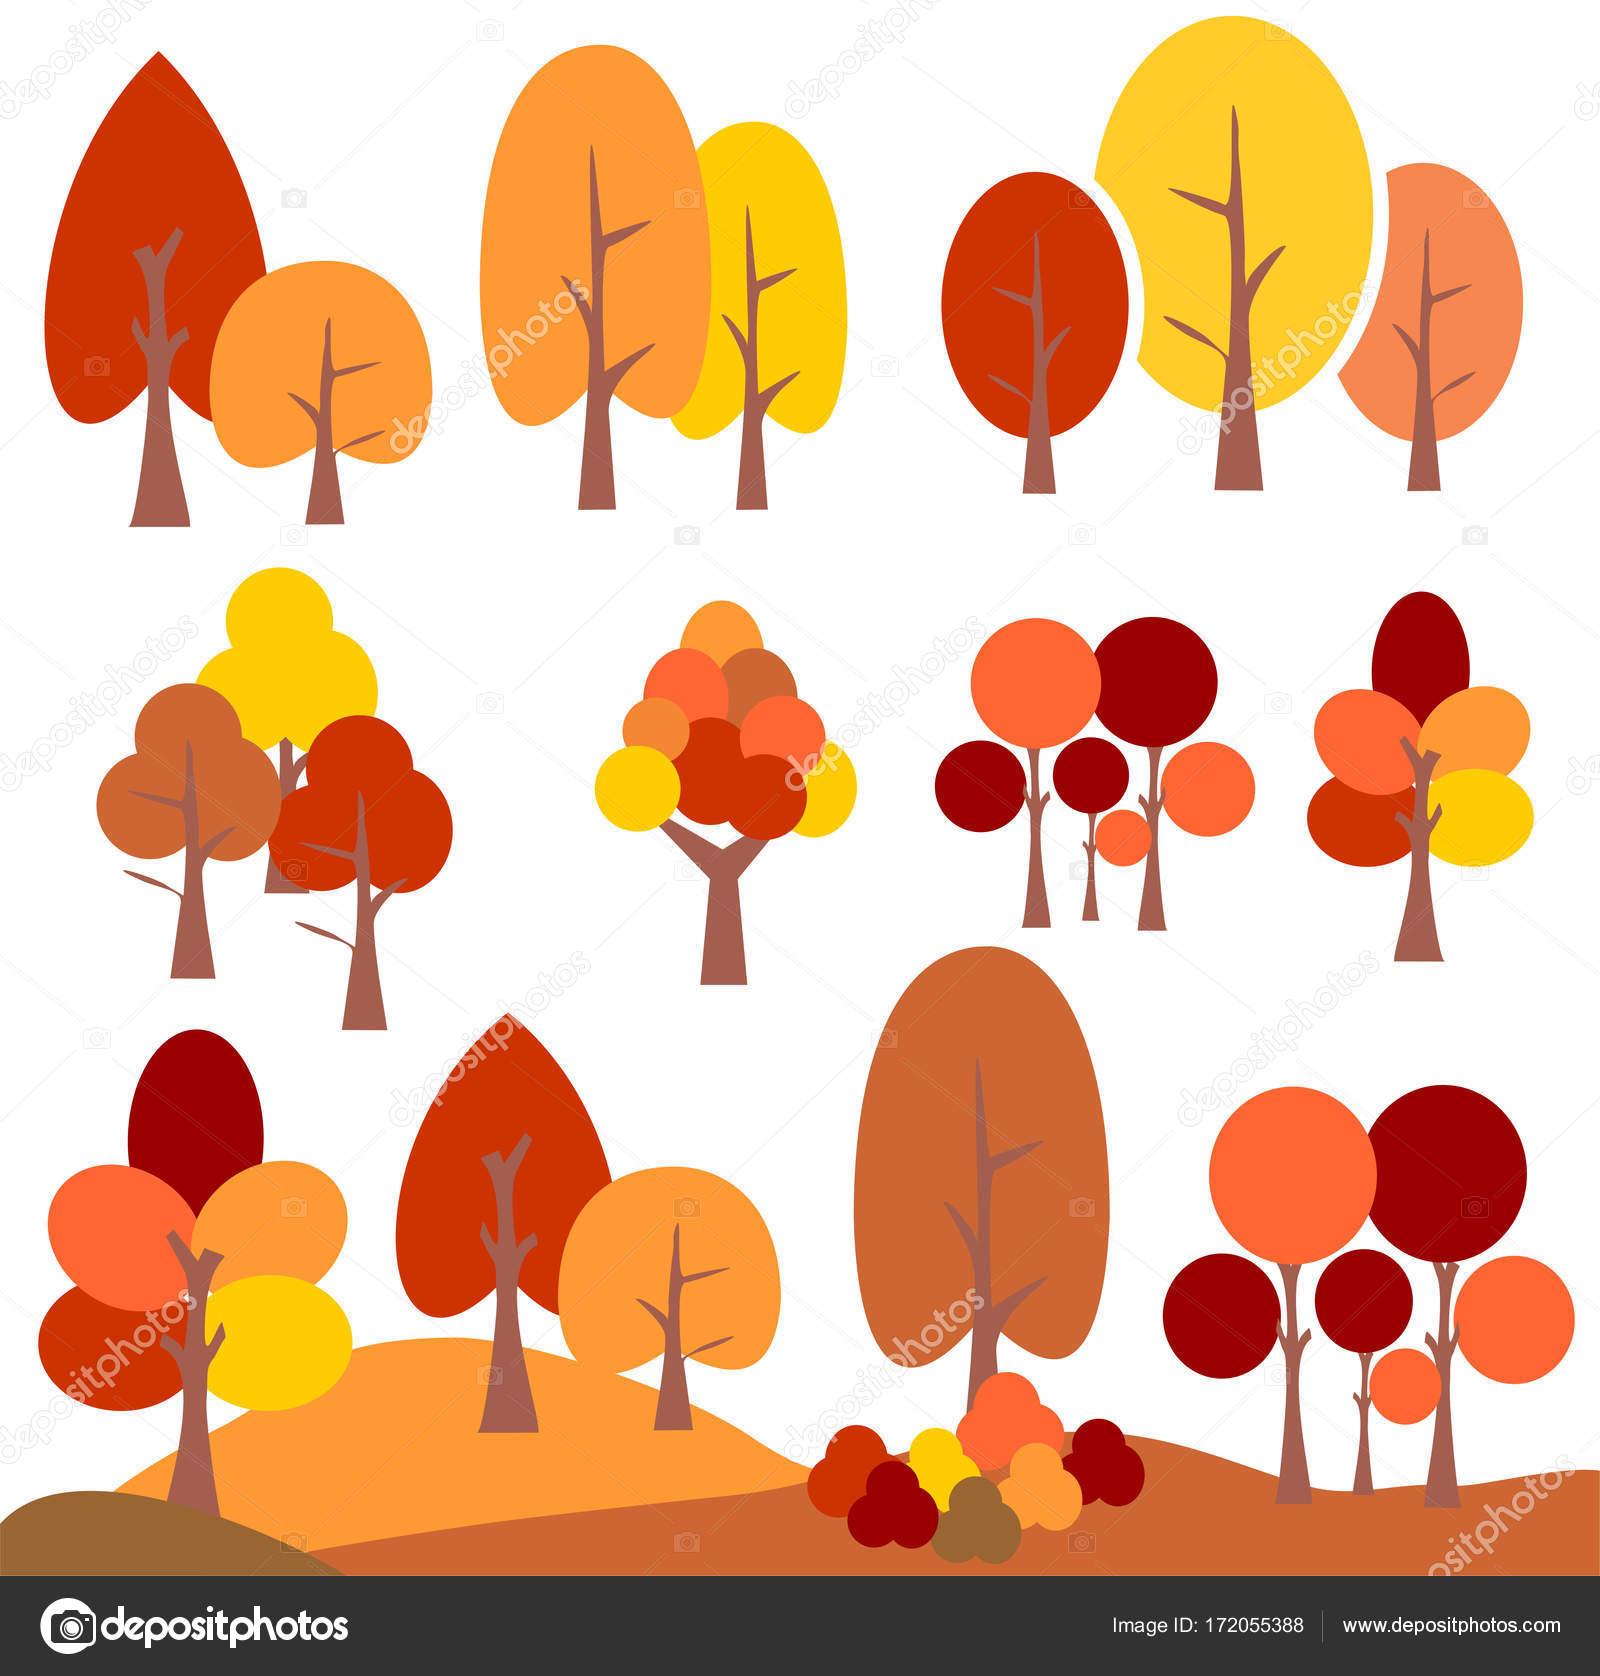 Herbst Baum Clipart Vektor Grafik Illustration Stockvektor